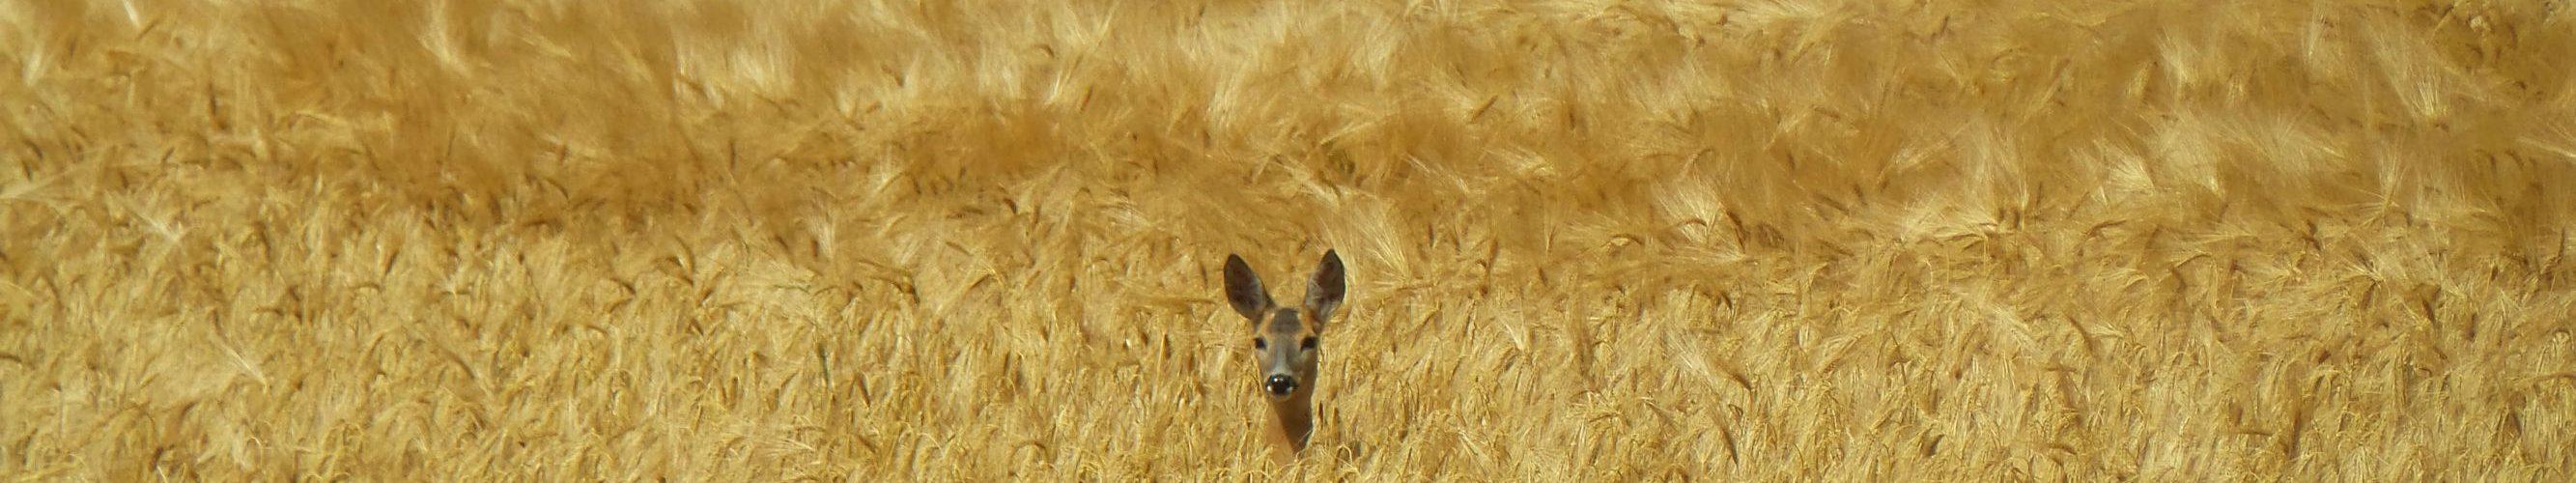 ree in korenveld